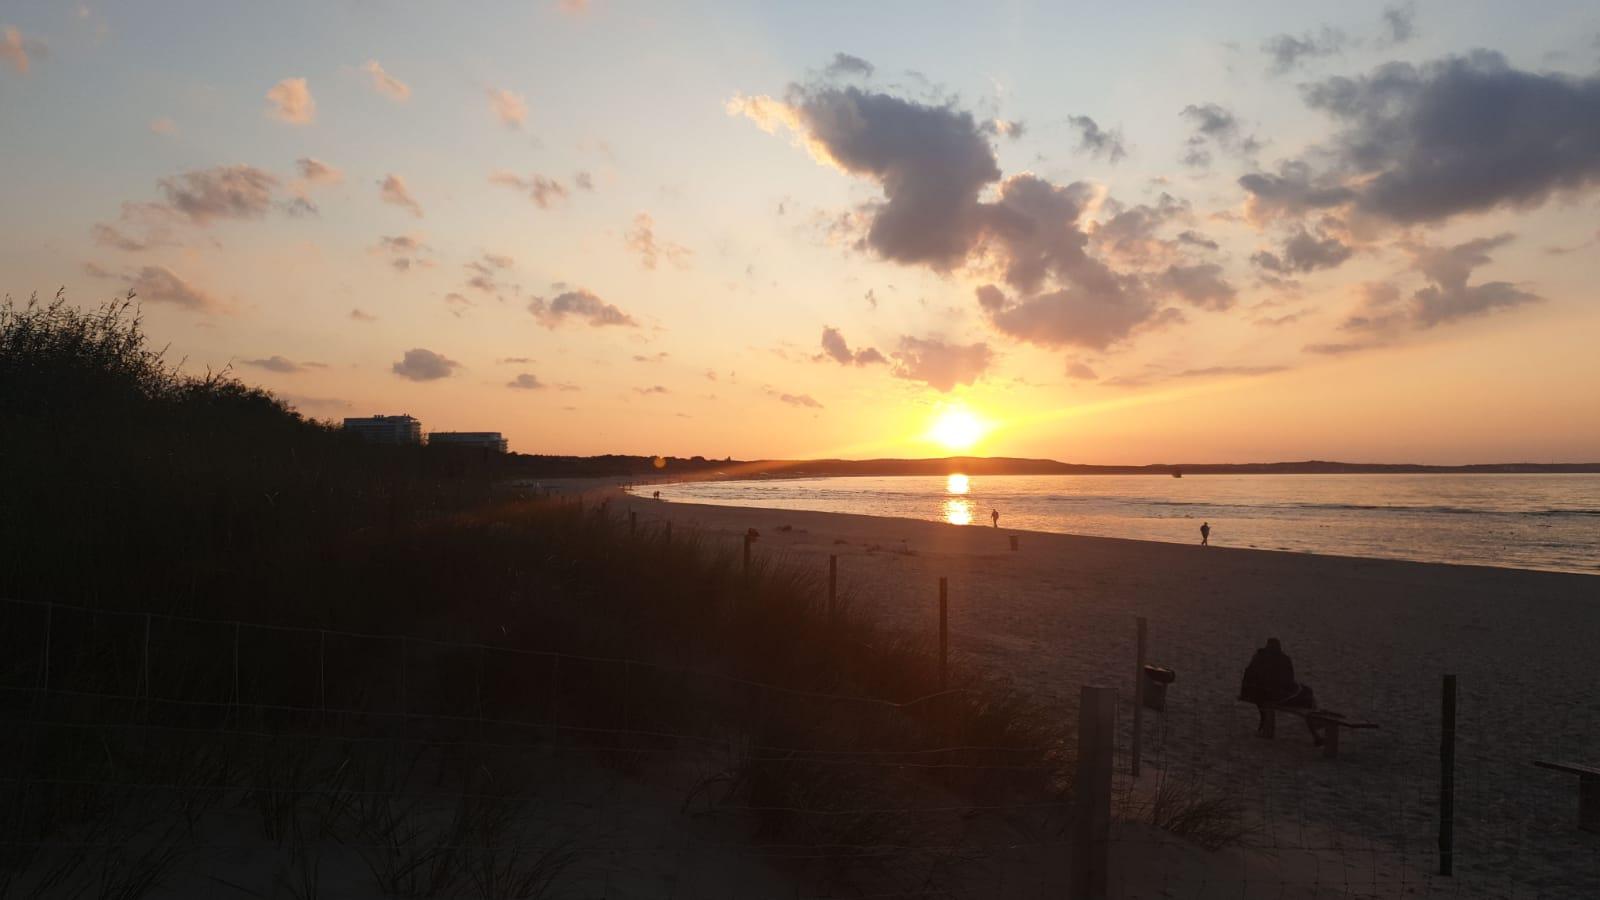 Sonnenuntergang am Strand von Swinemünde in Polen